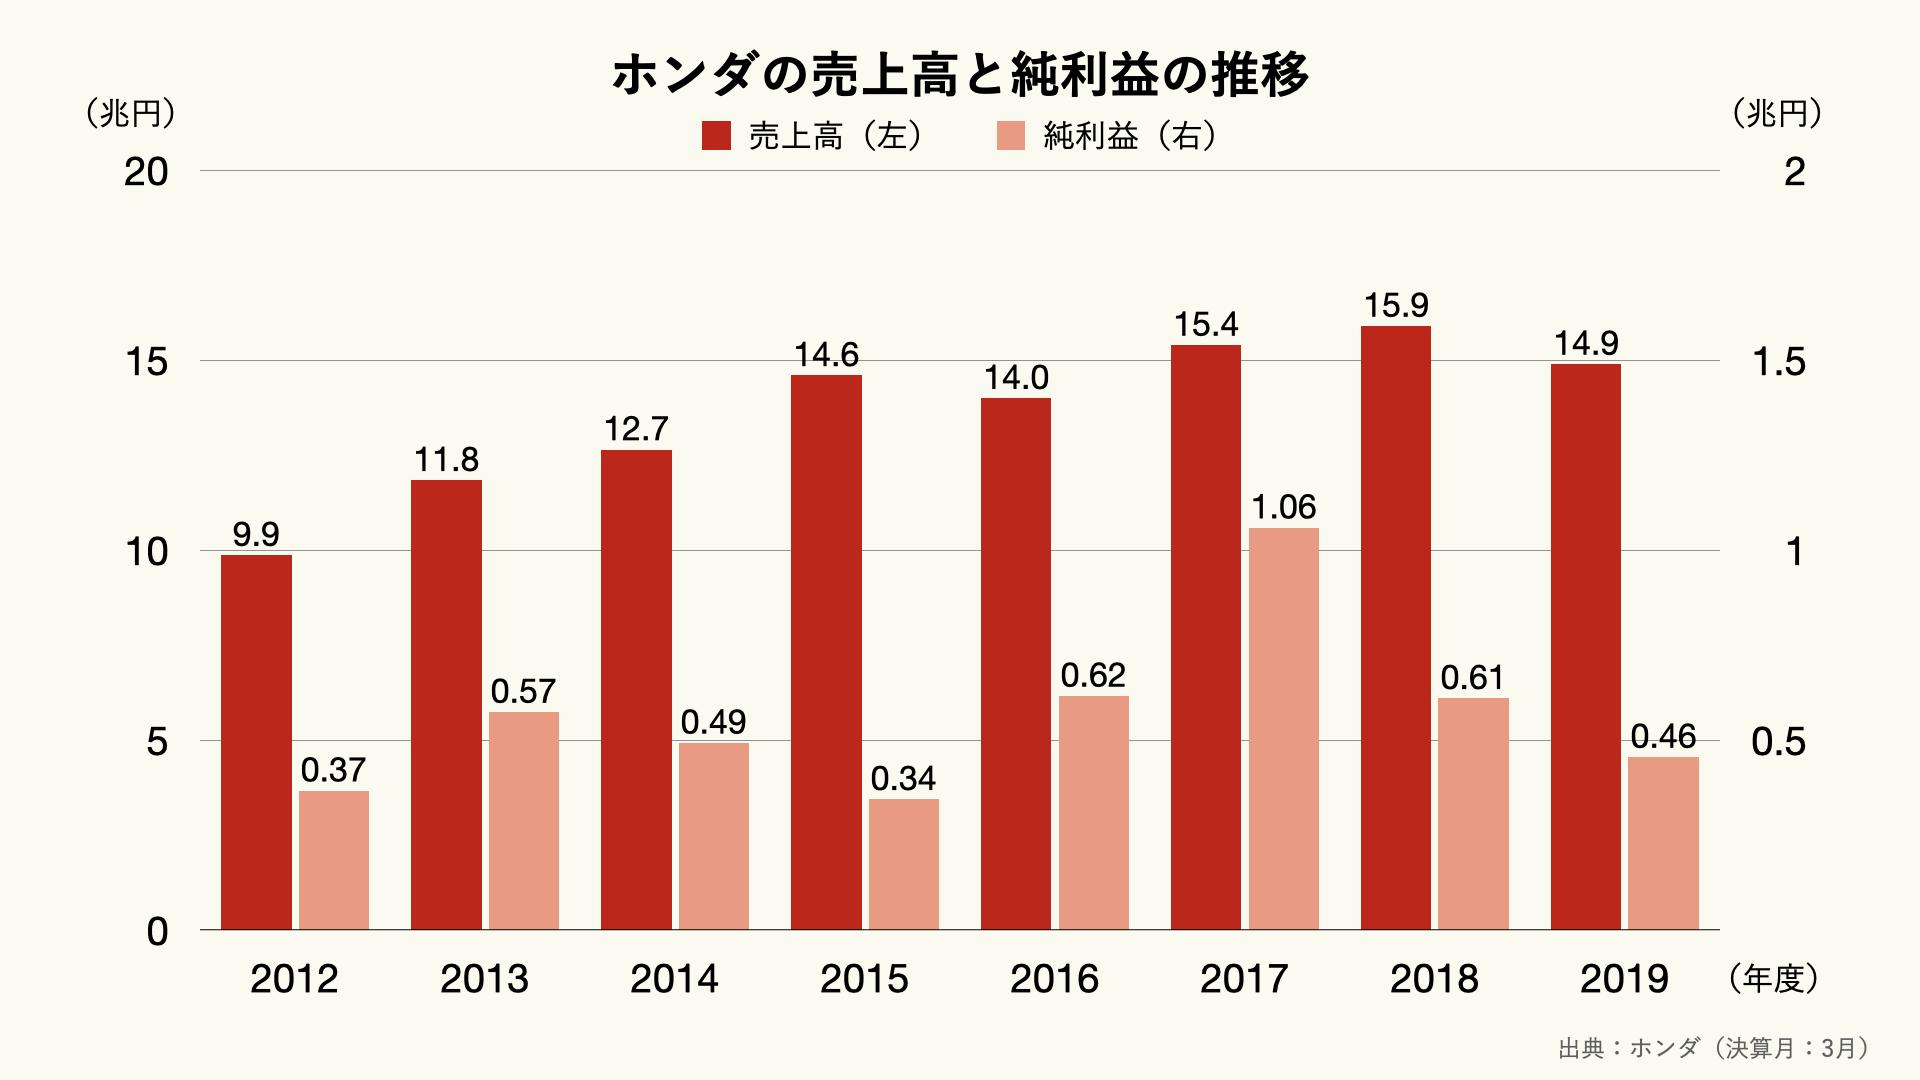 ホンダの売上高と純利益の推移